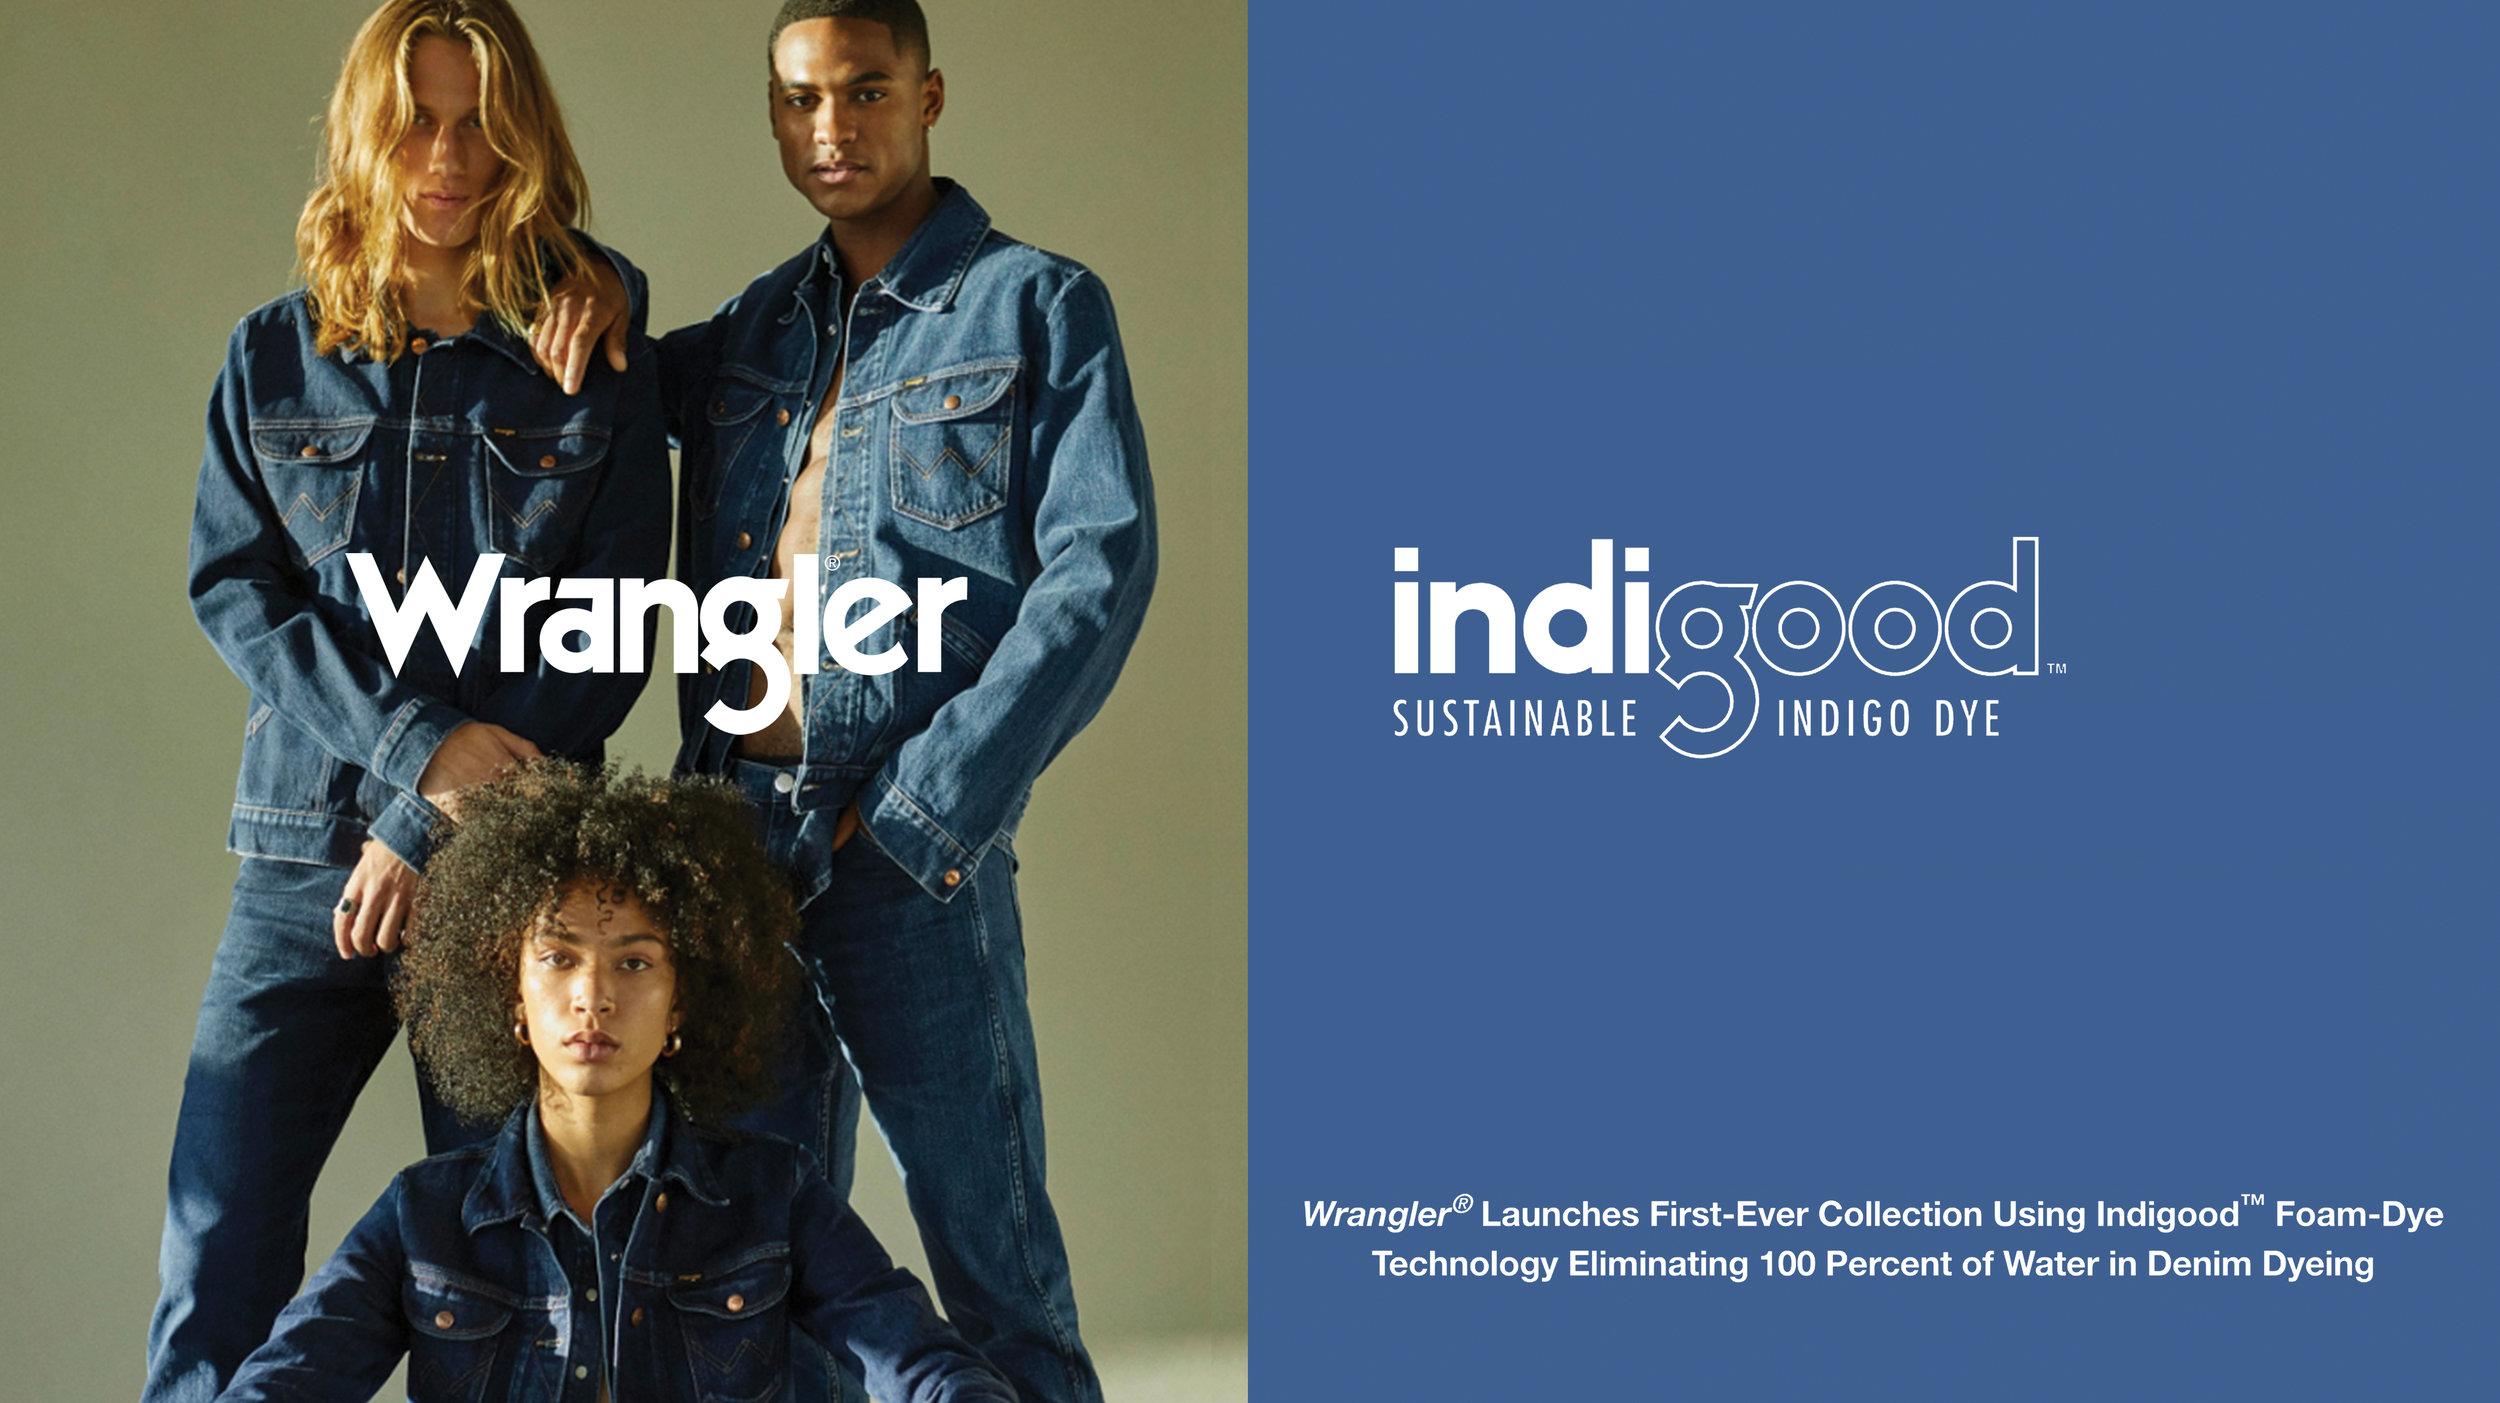 wrangler_indigood_4.jpg